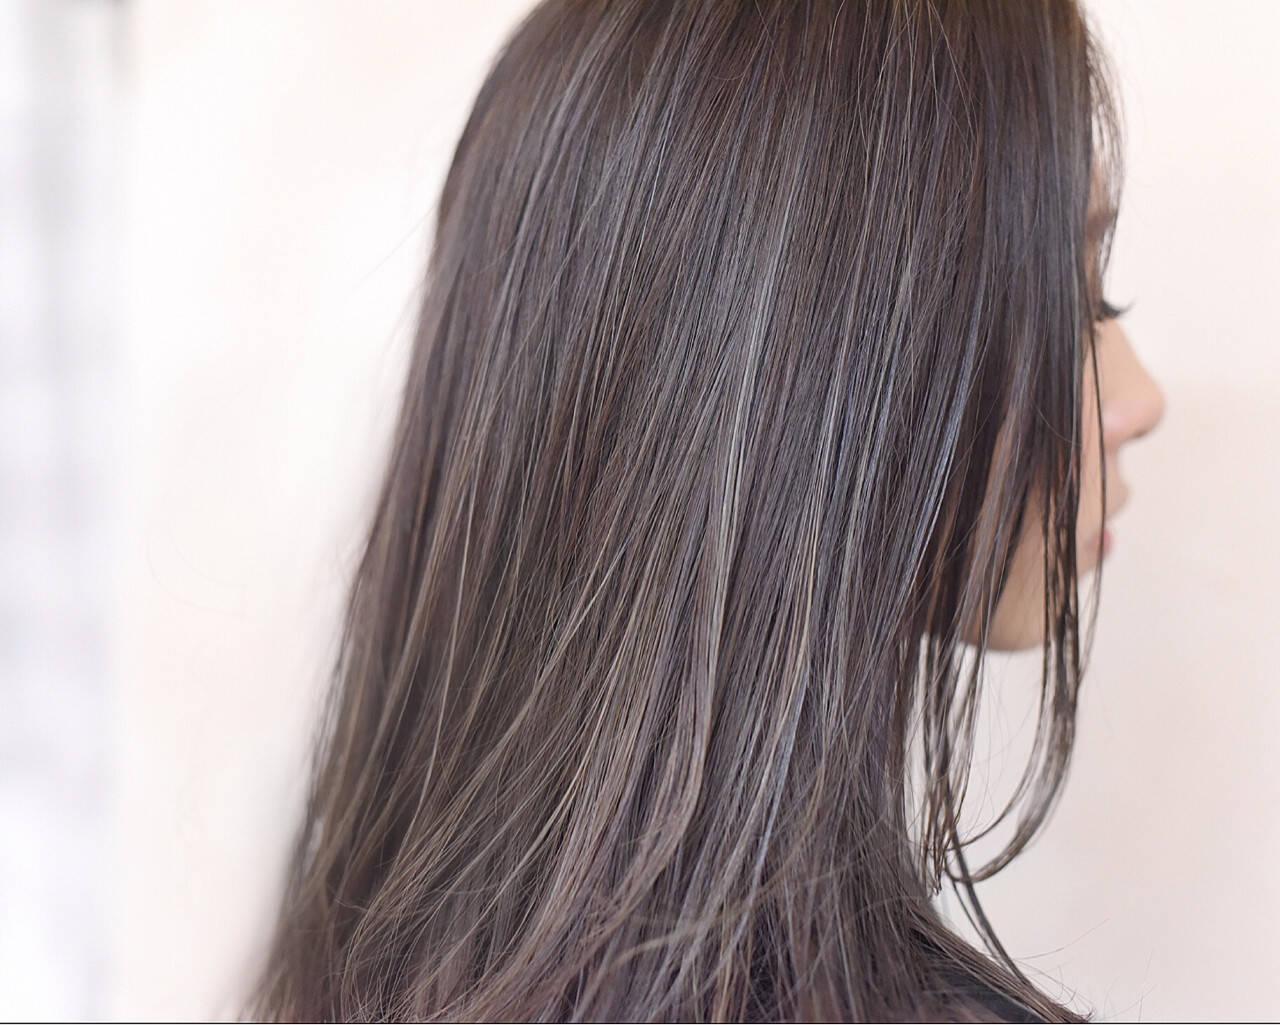 セミロング ハイライト ストリート イルミナカラーヘアスタイルや髪型の写真・画像